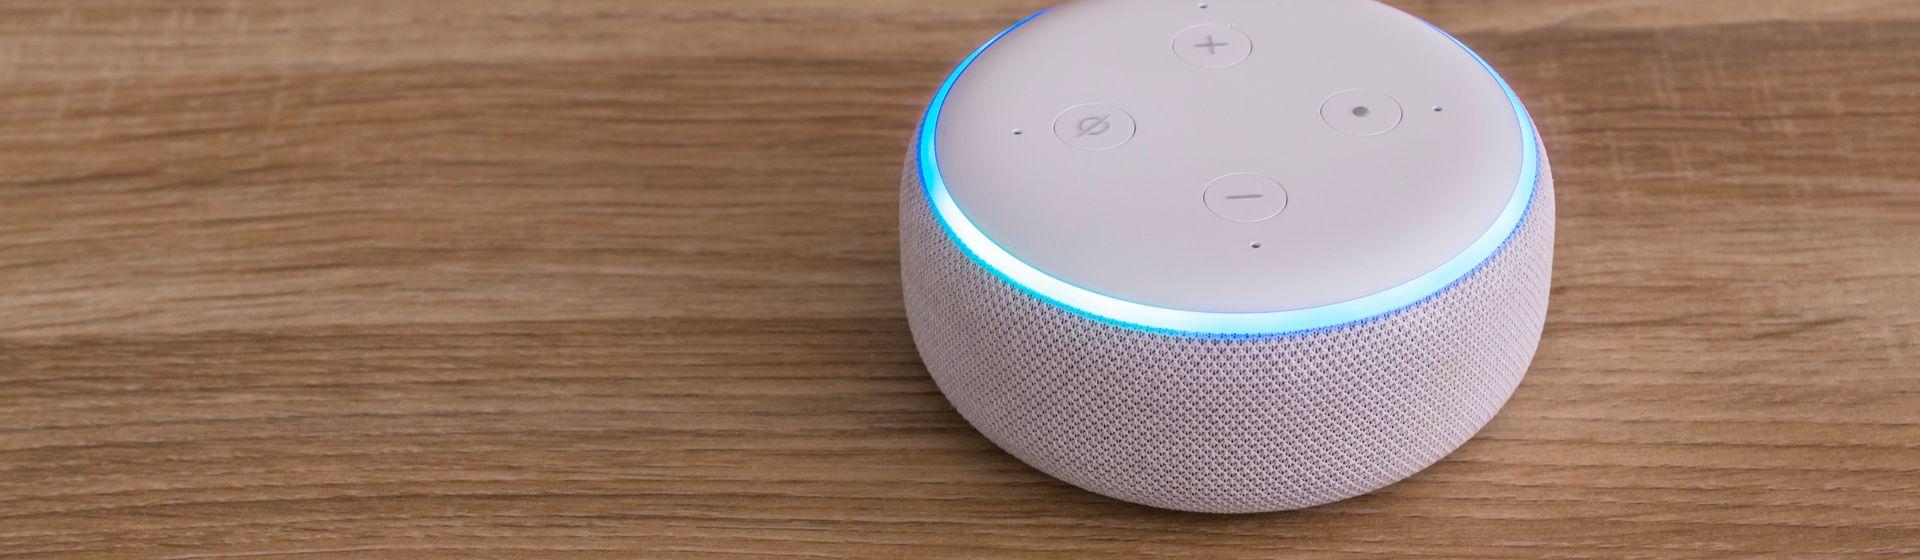 Alexa terá melhorias no software e ganha skill para cuidado de idosos